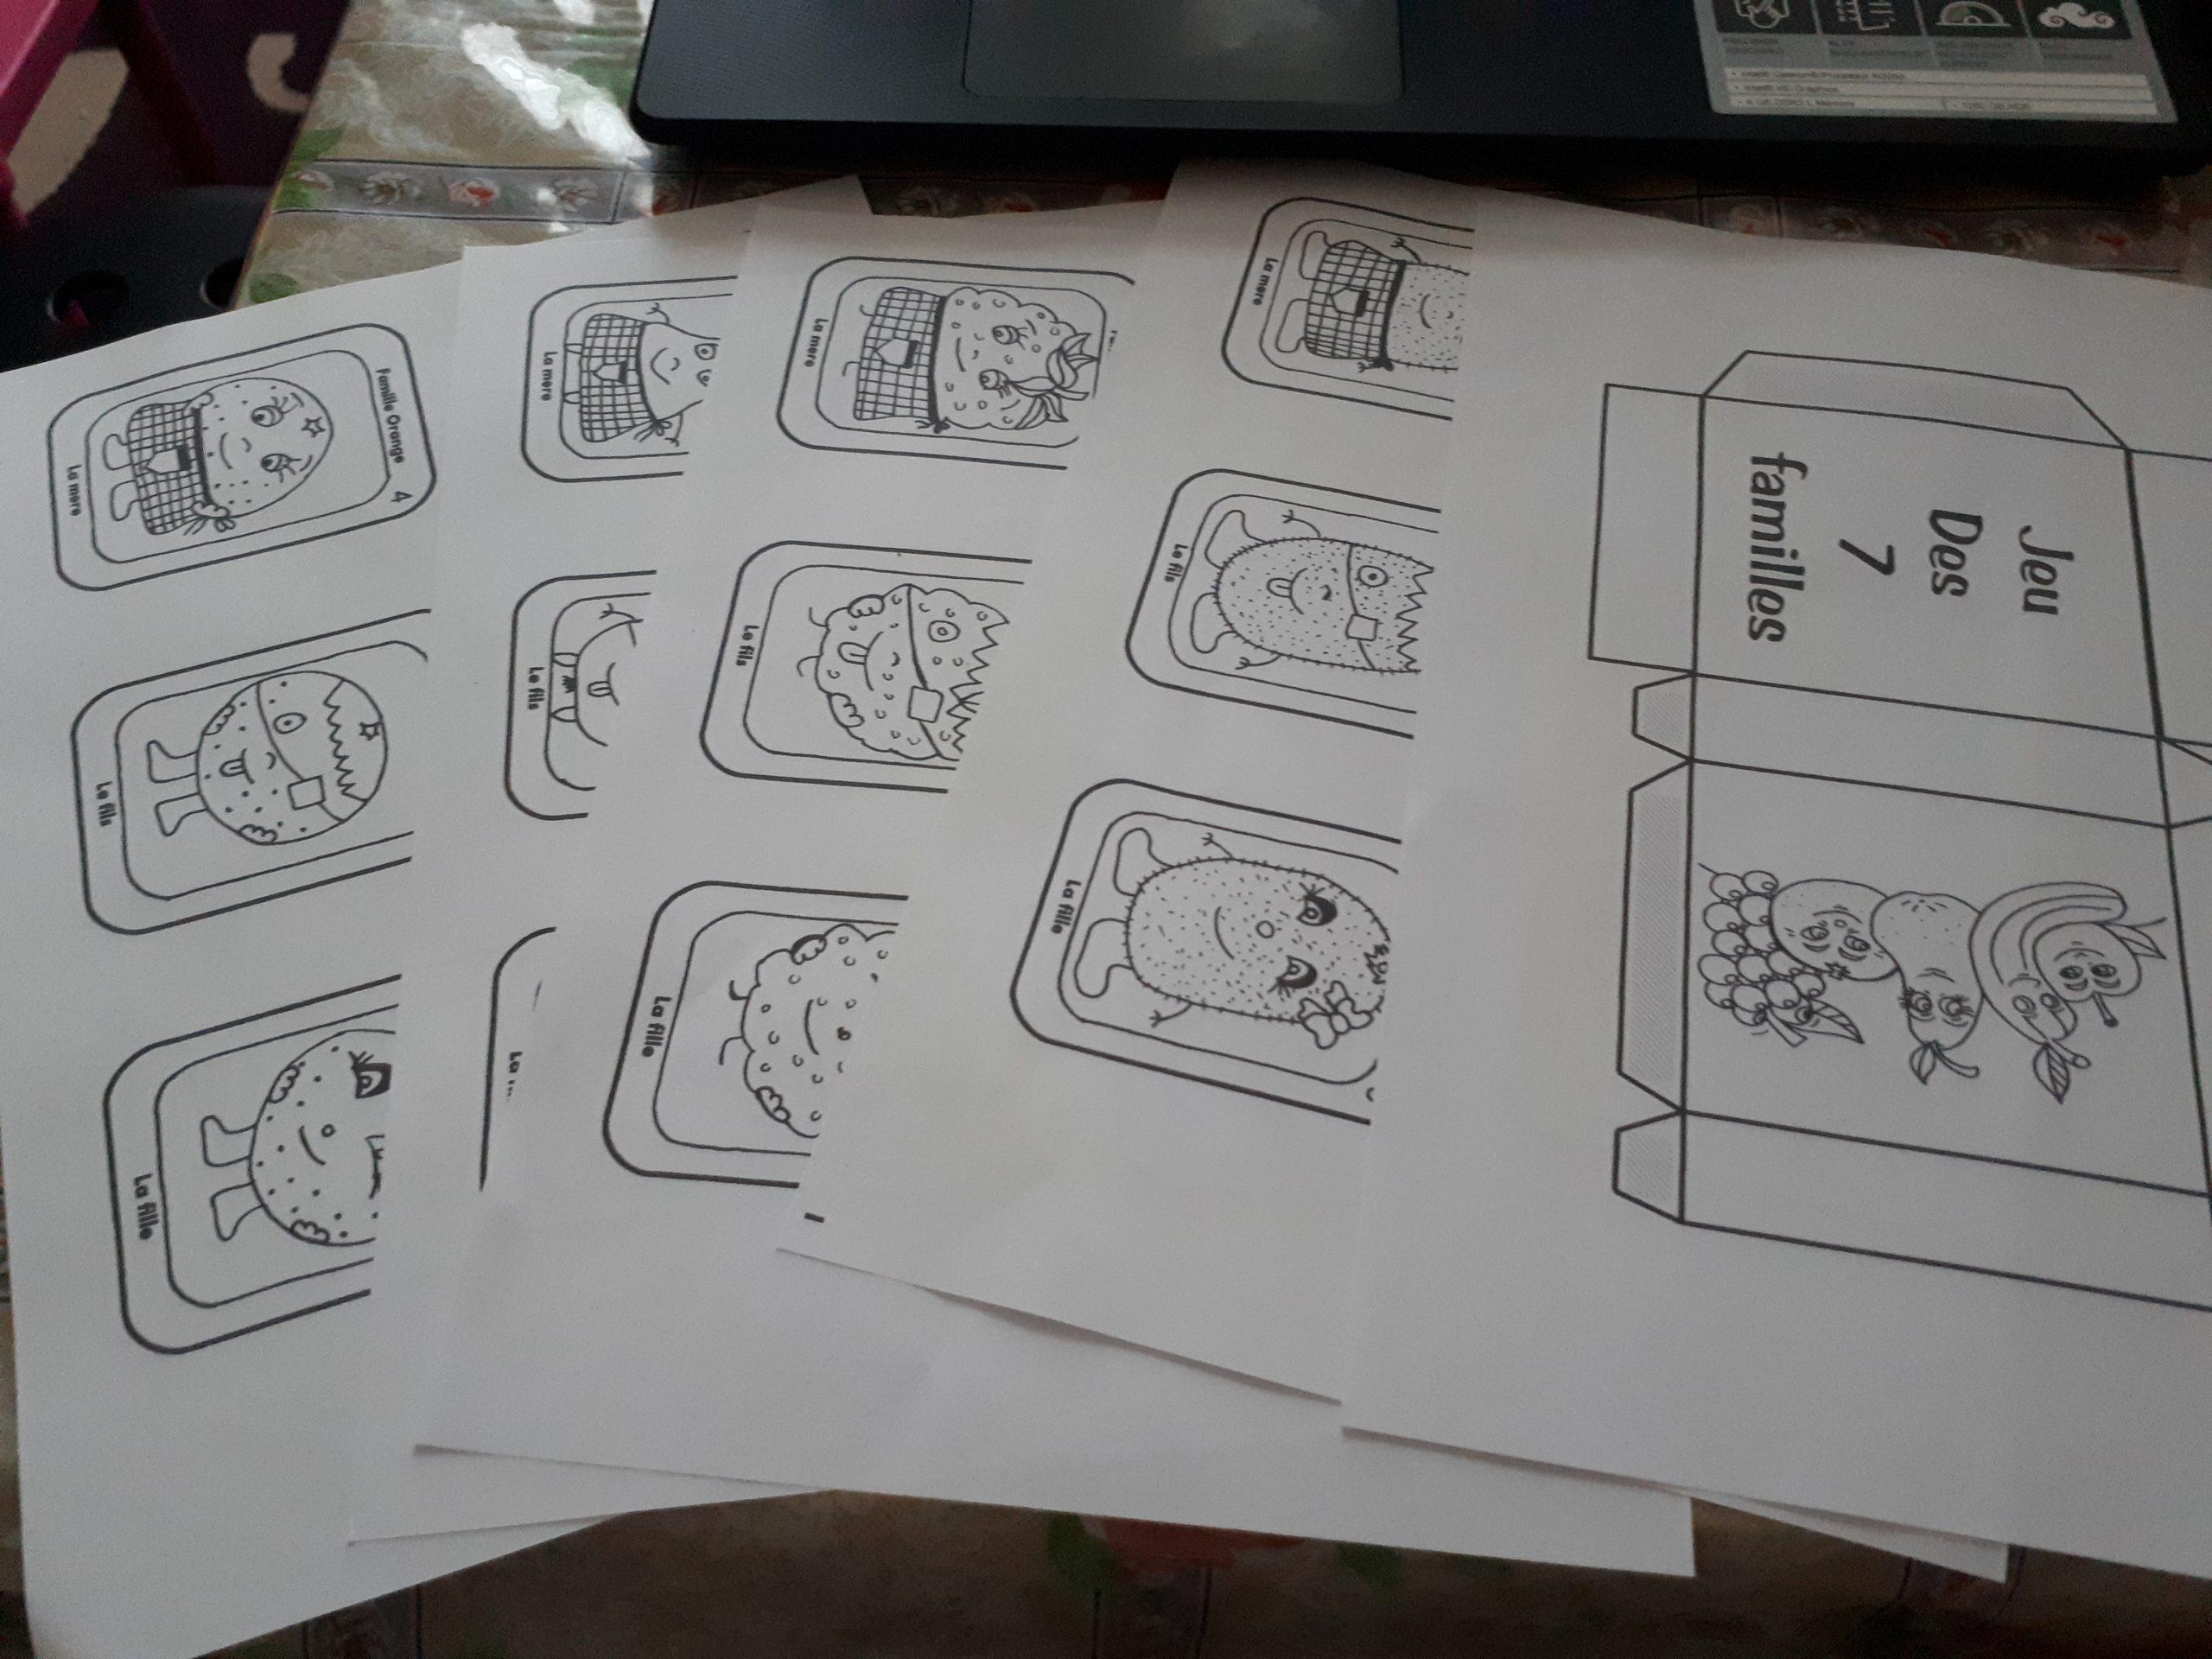 Jeu De 7 Familles À Imprimer Et Colorier - Maman Sereine dedans Jeux De Memoire Gratuit Pour Enfant